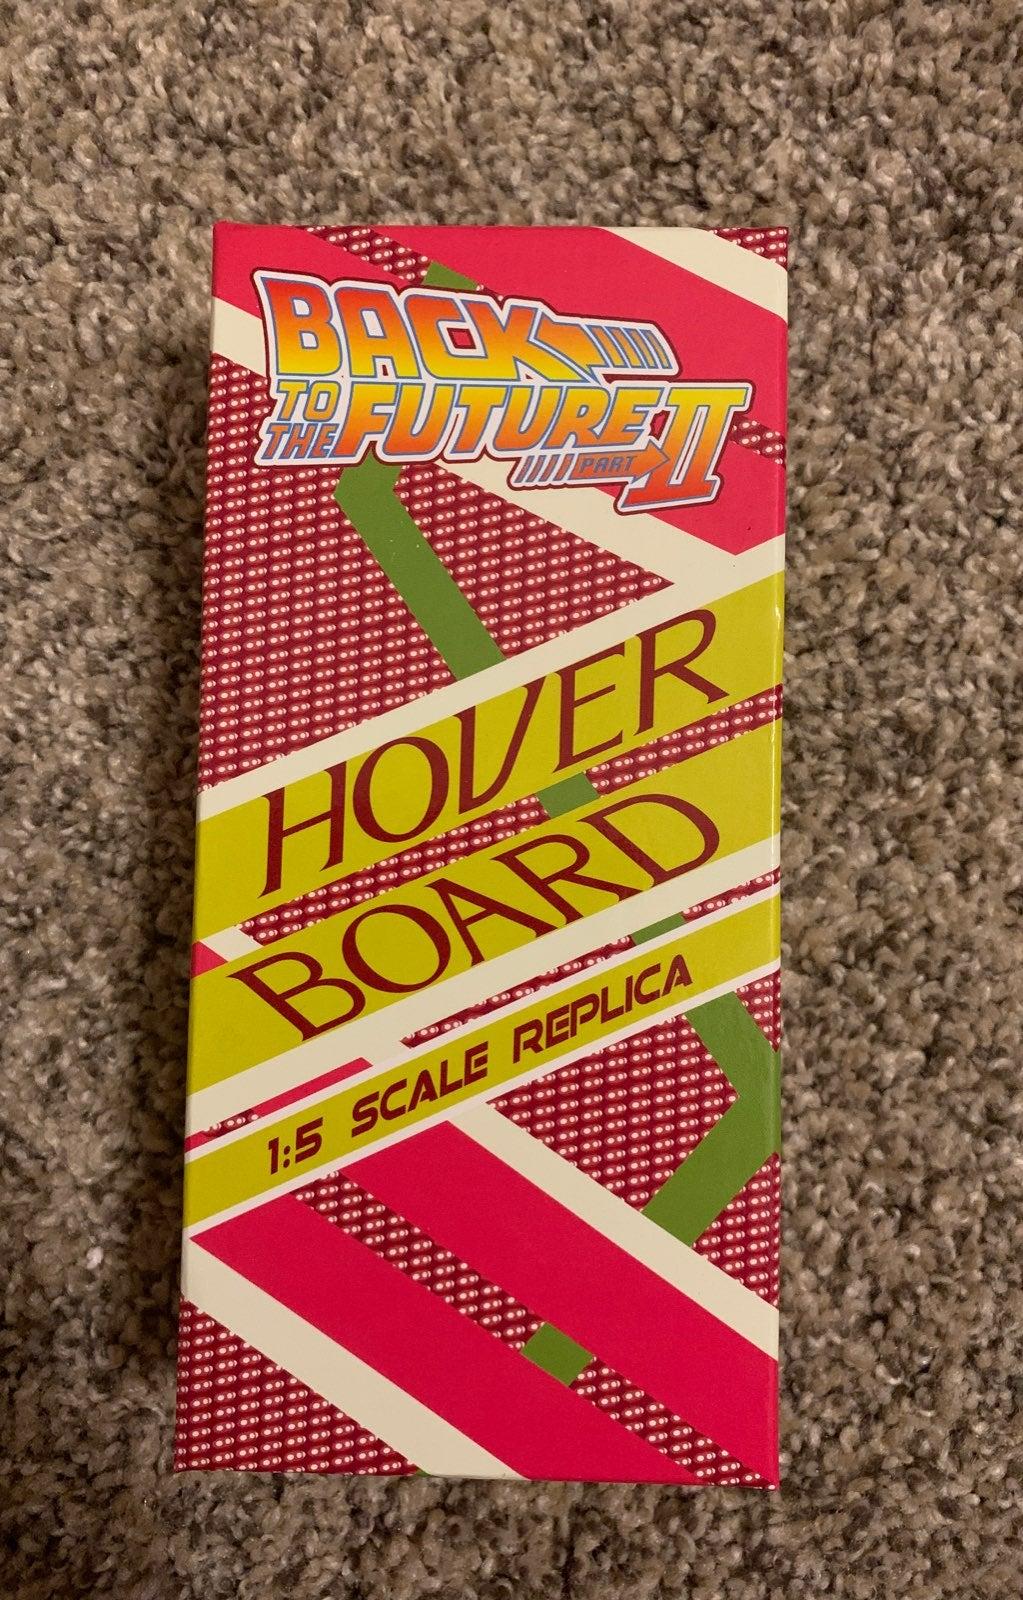 Hover Board 1:5 Scale Replica